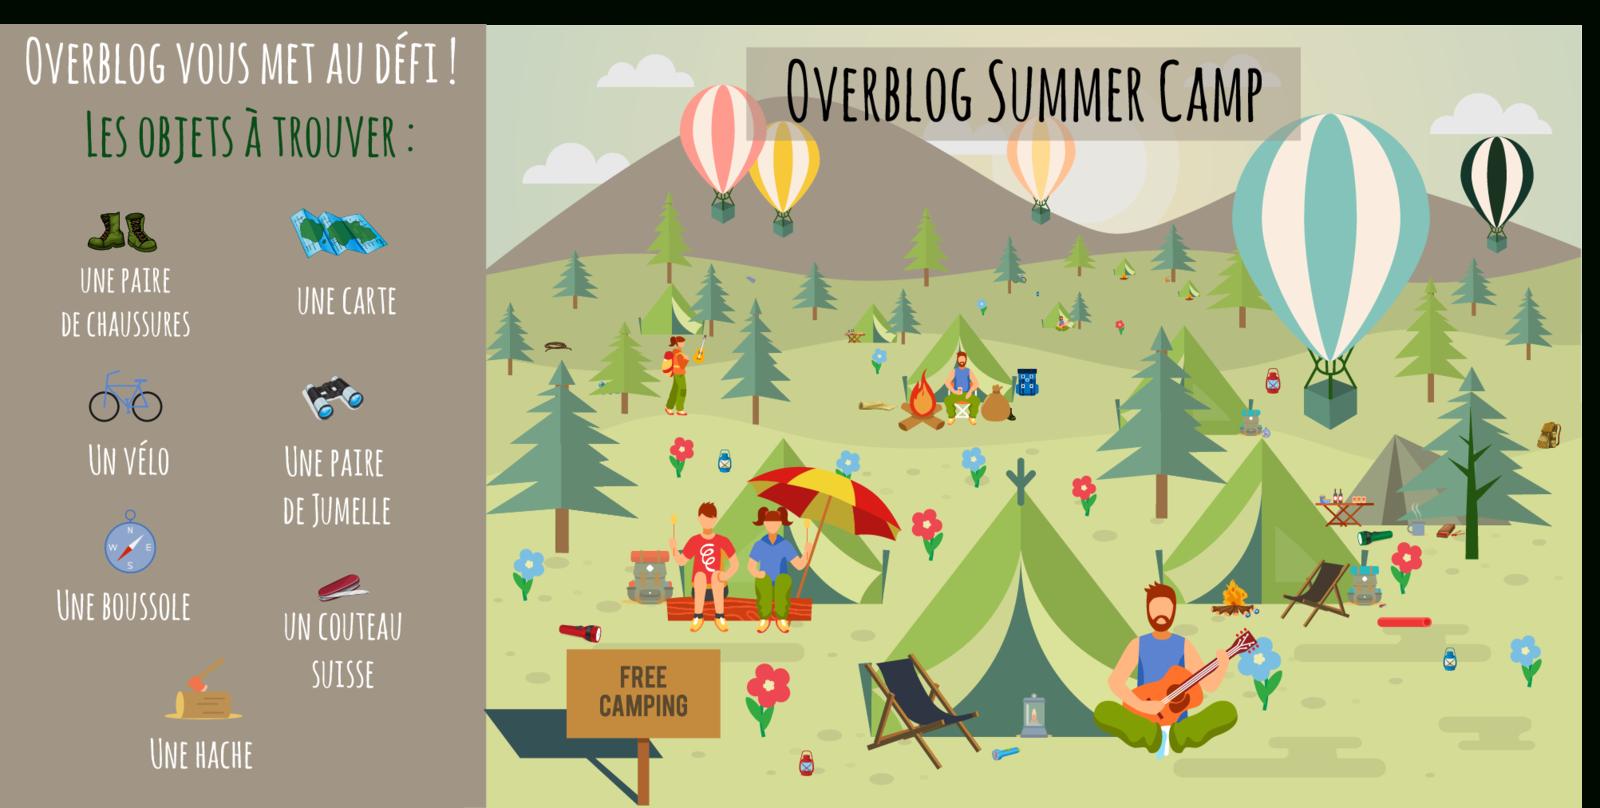 Jeu De L'été : Trouver Les 7 Objets 👀 - Overblog France dedans Jeux Trouver Les Objets